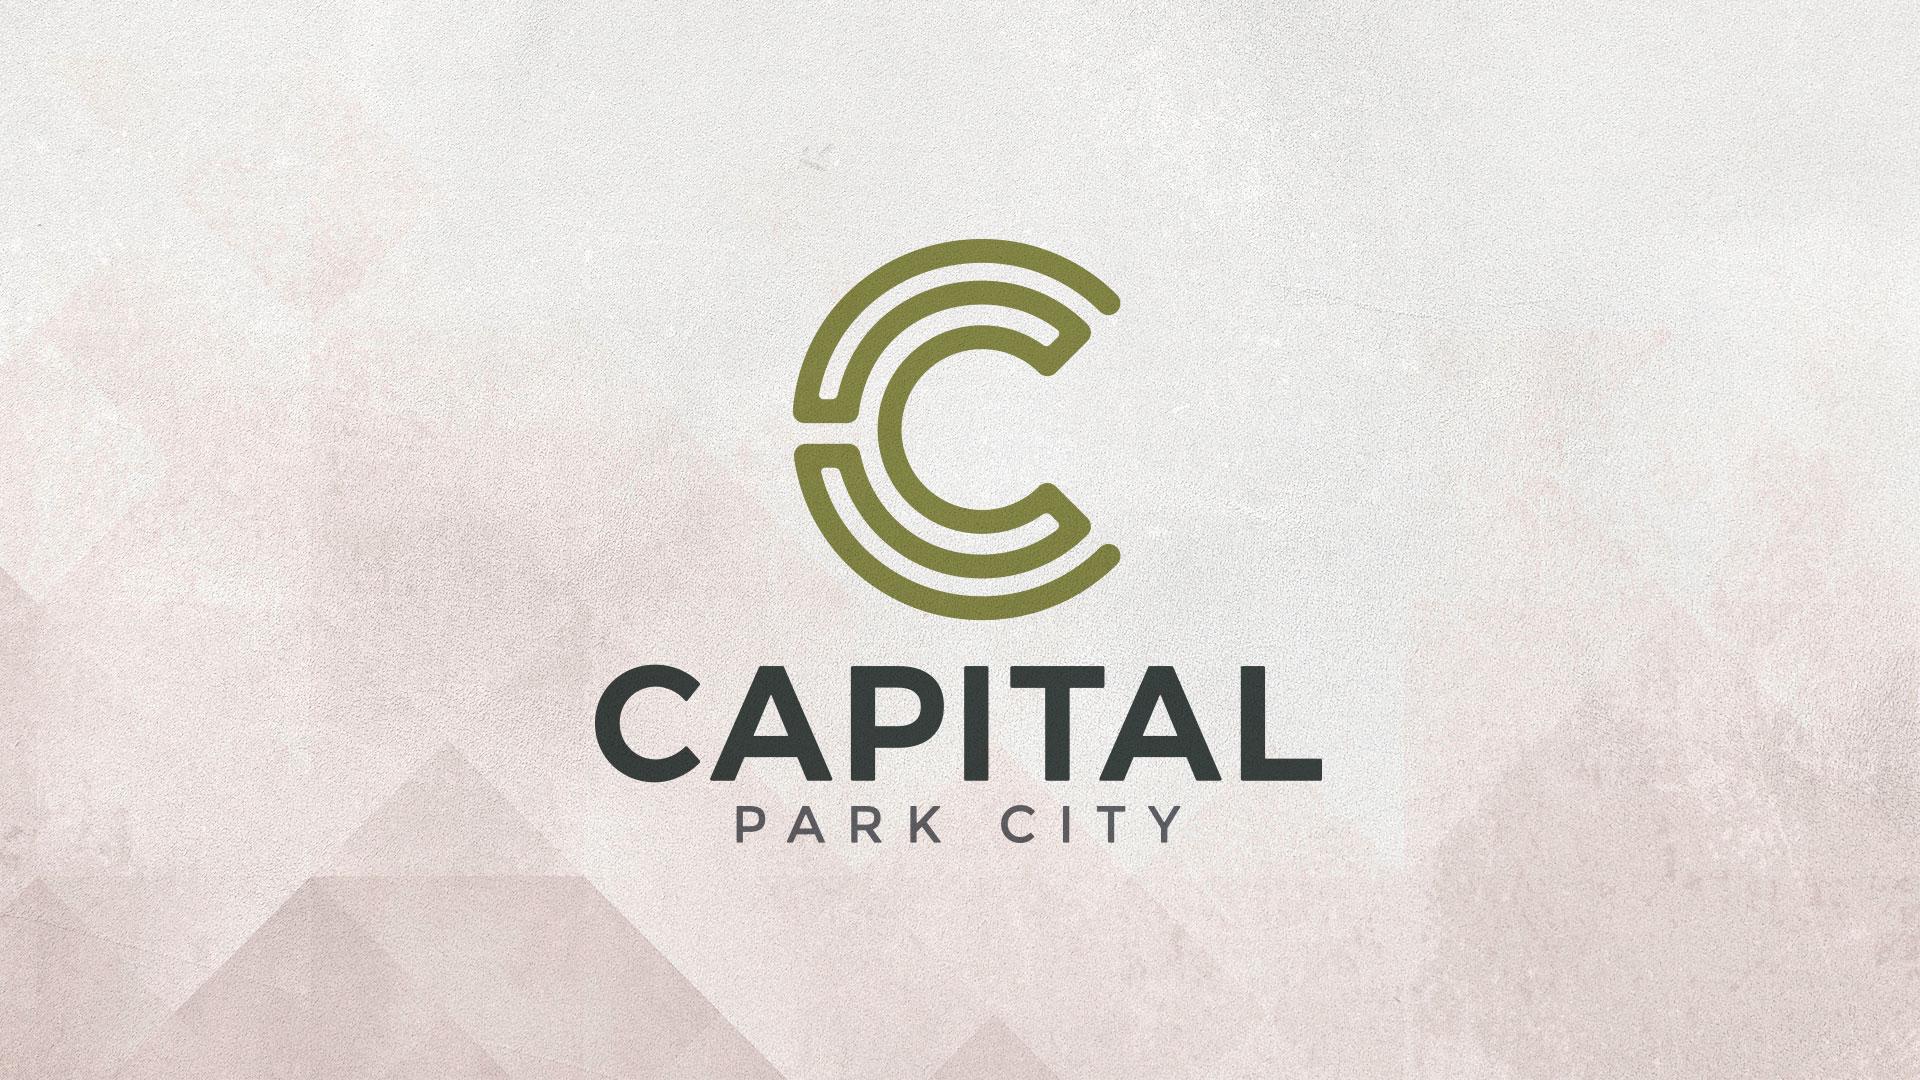 Capital Park City